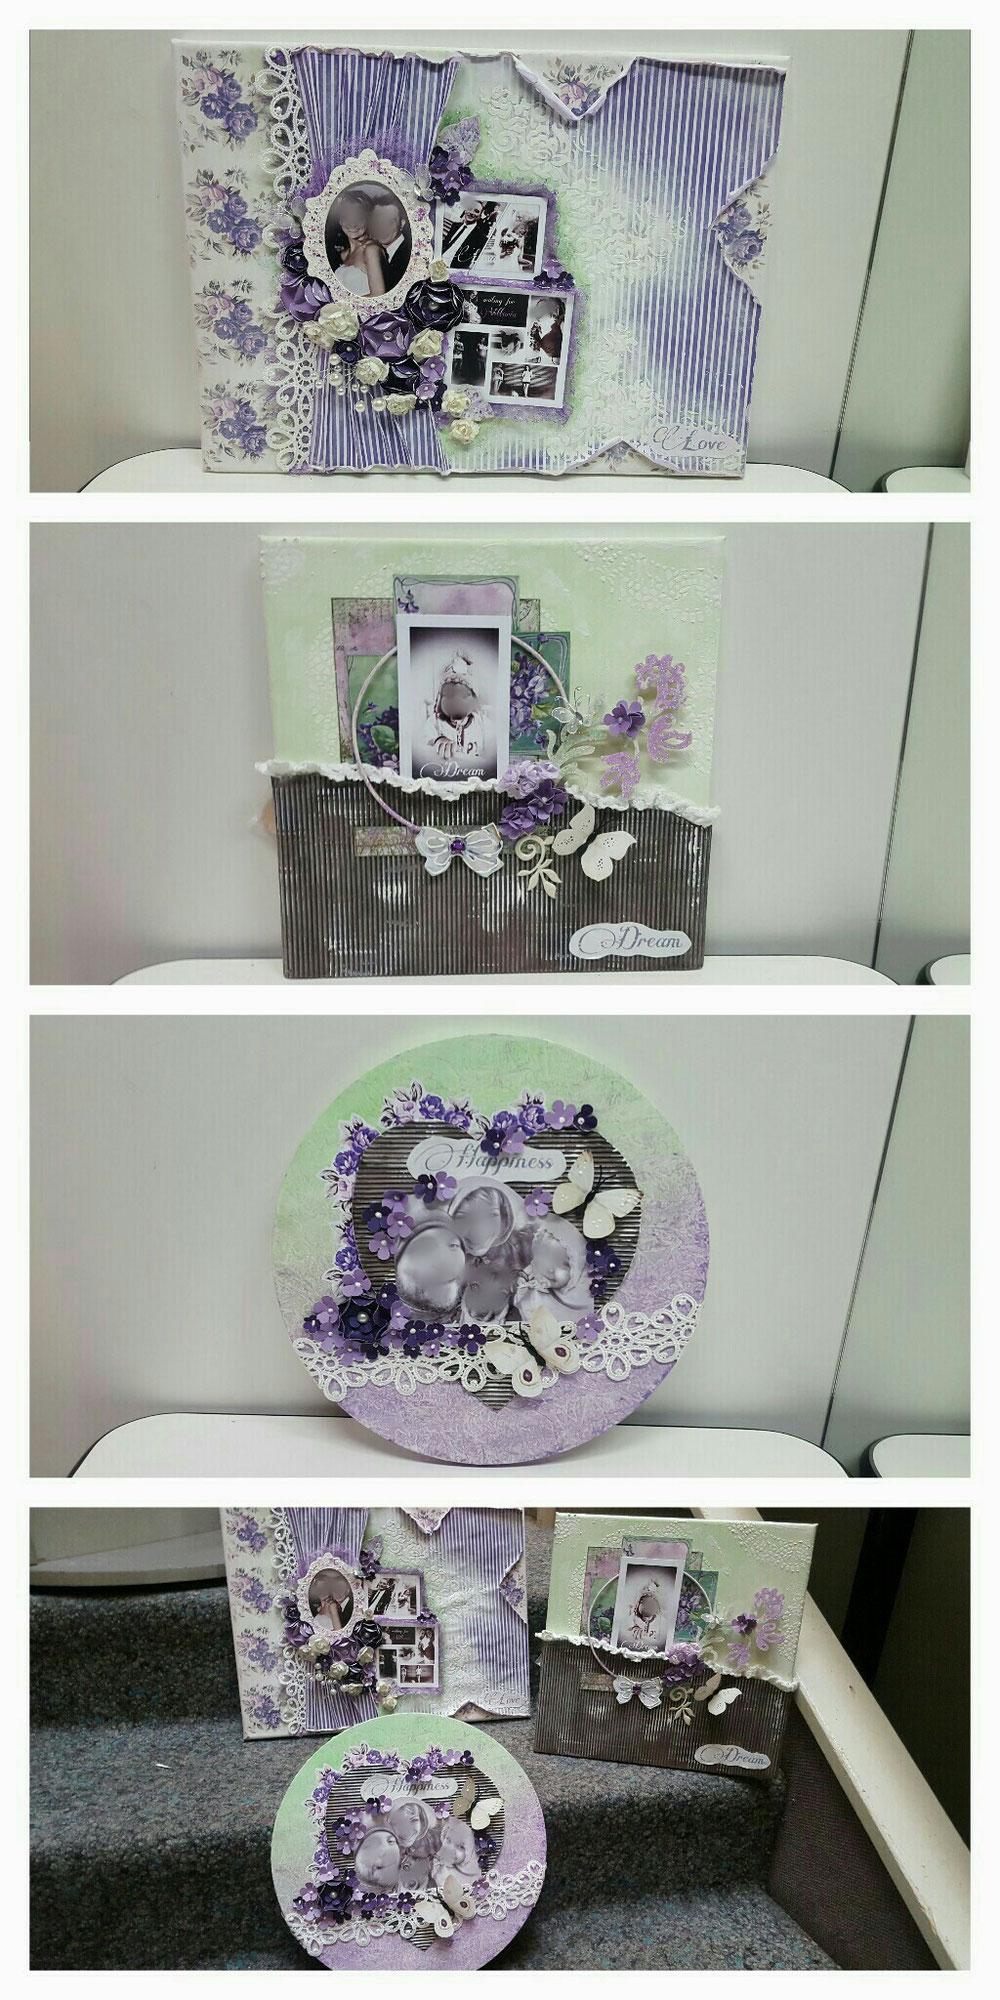 Tele con foto + aggiunta di oggetti decorativi